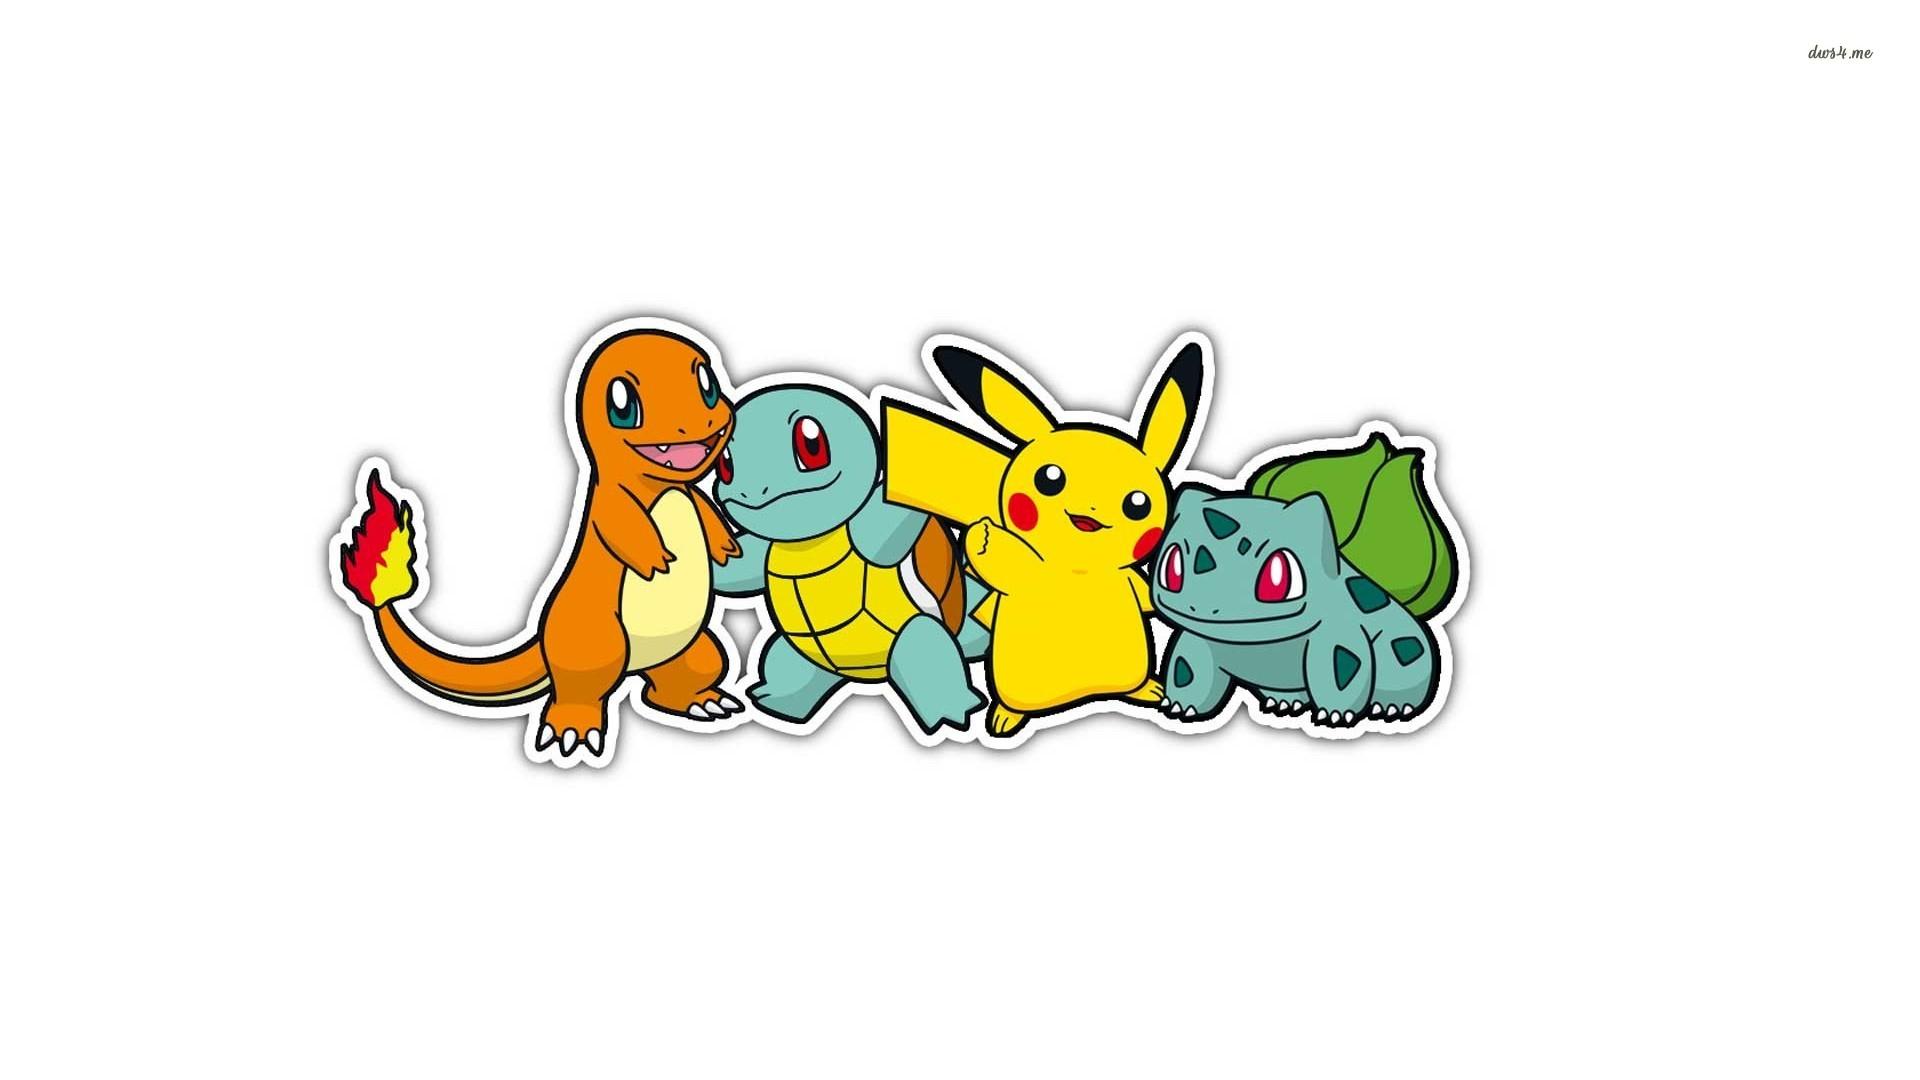 Pokemon wallpaper   Anime wallpapers   10587 1920x1080